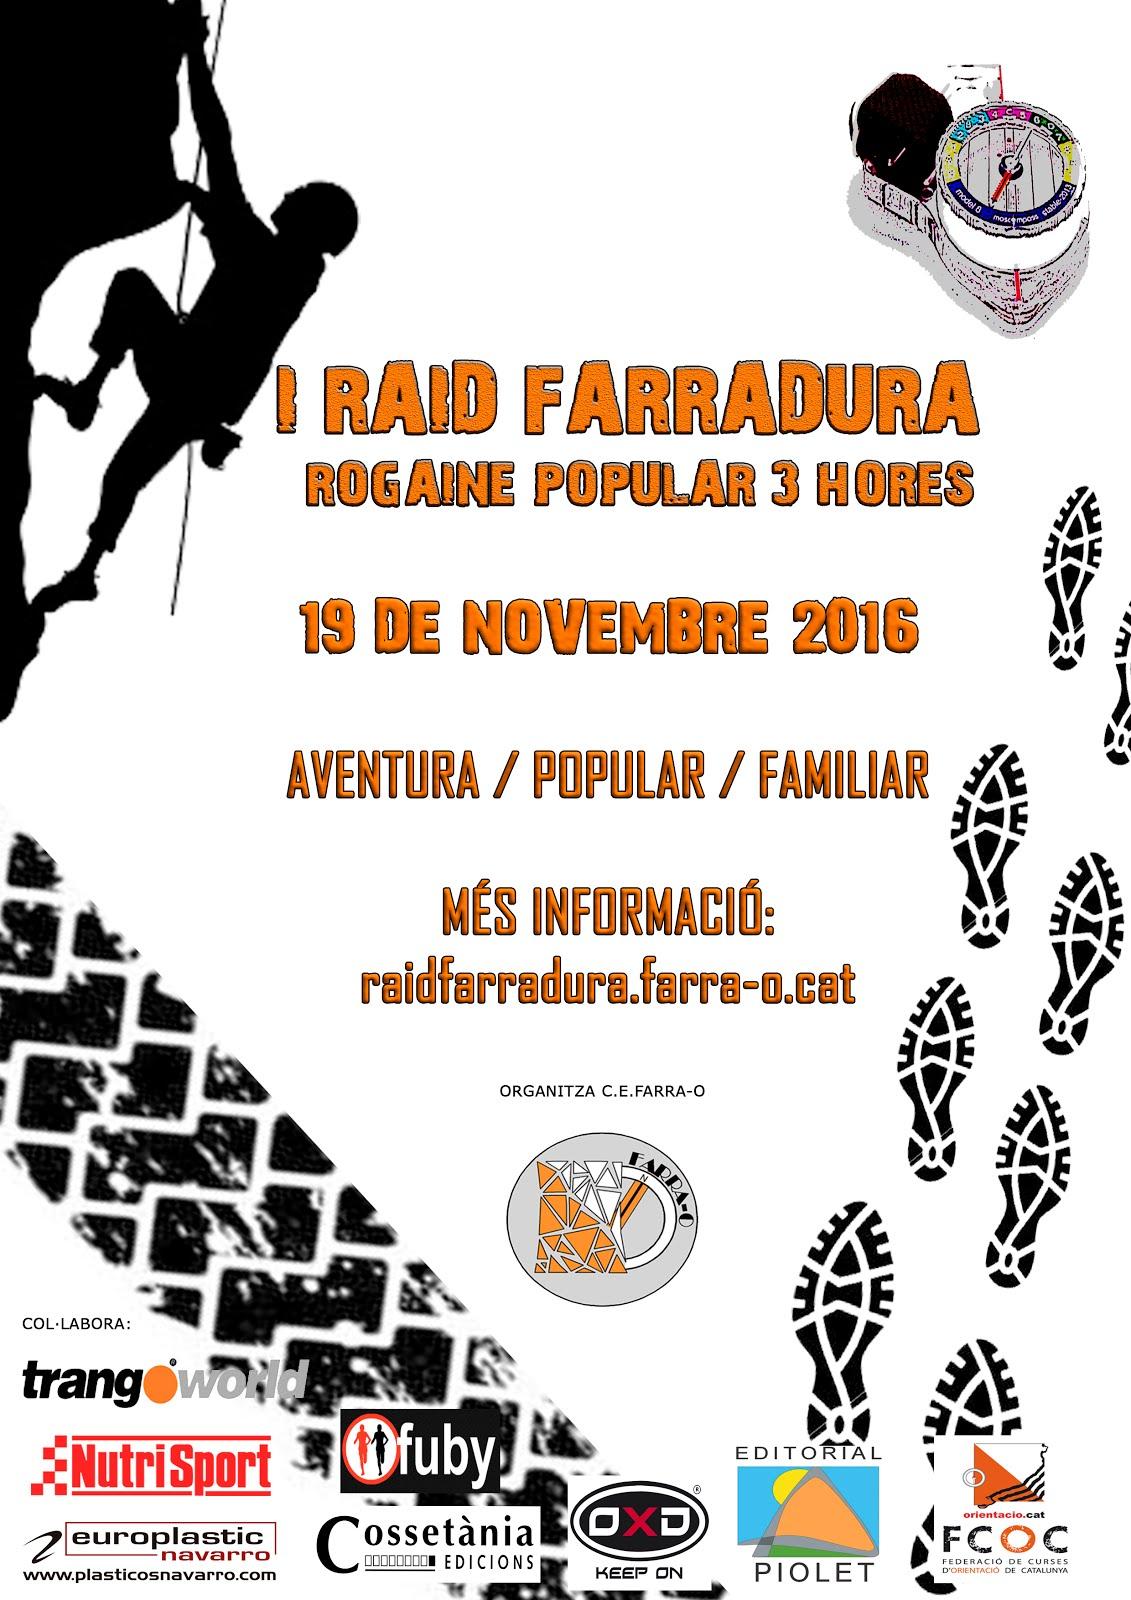 19 DE NOVEMBRE - I RAID FARRADURA - ROGAINE POPULAR